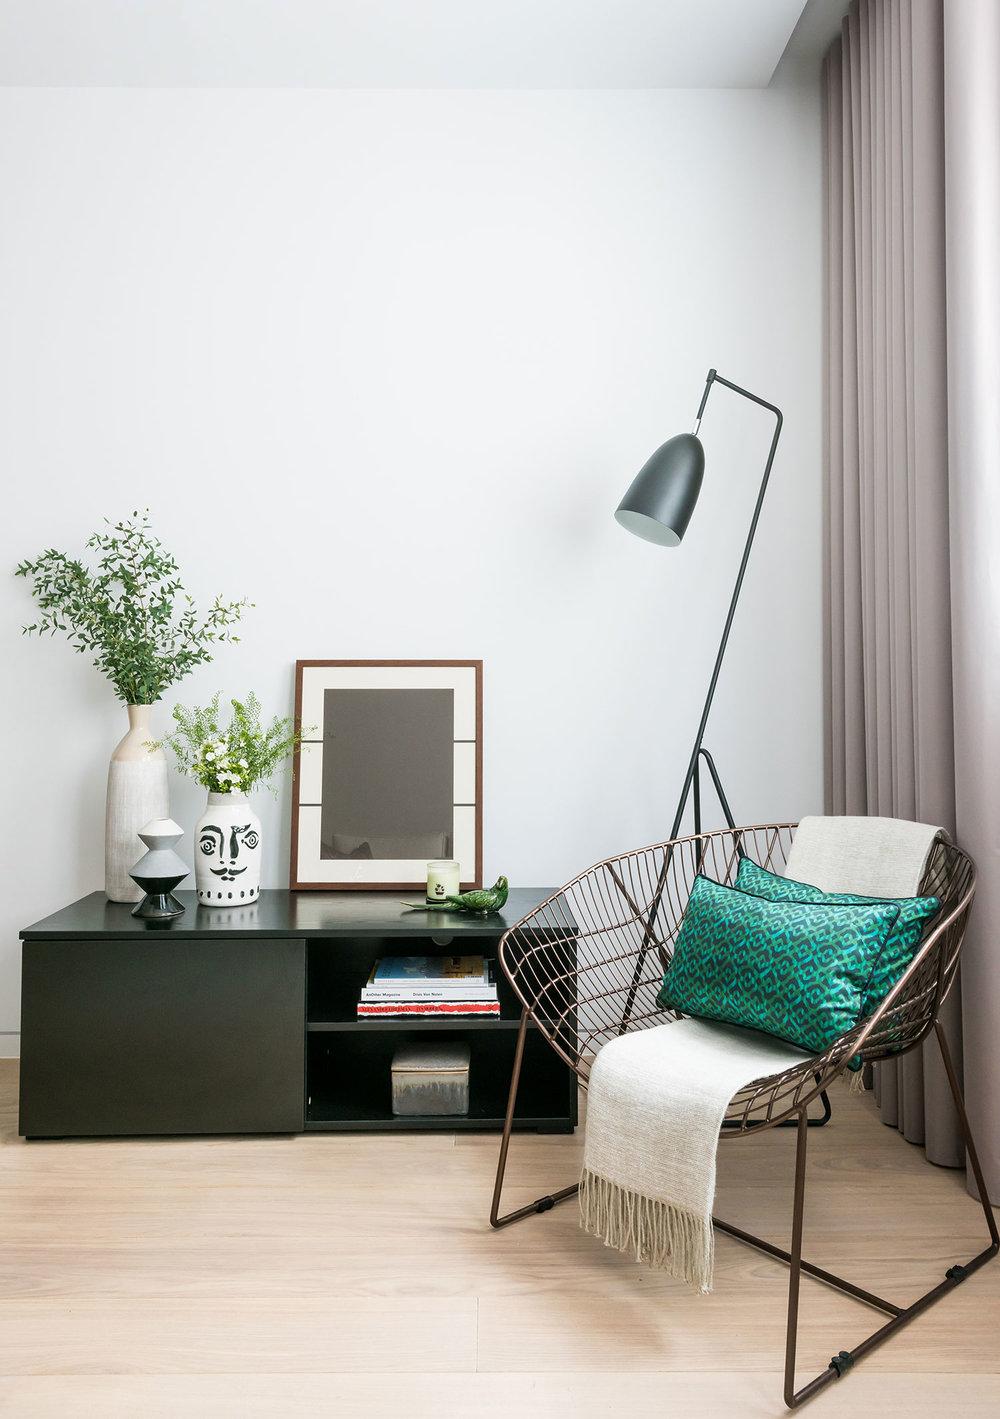 BoxNine7_Barts_Square_002_Living_Room_Entrance_Area_Sitting_Room.jpg